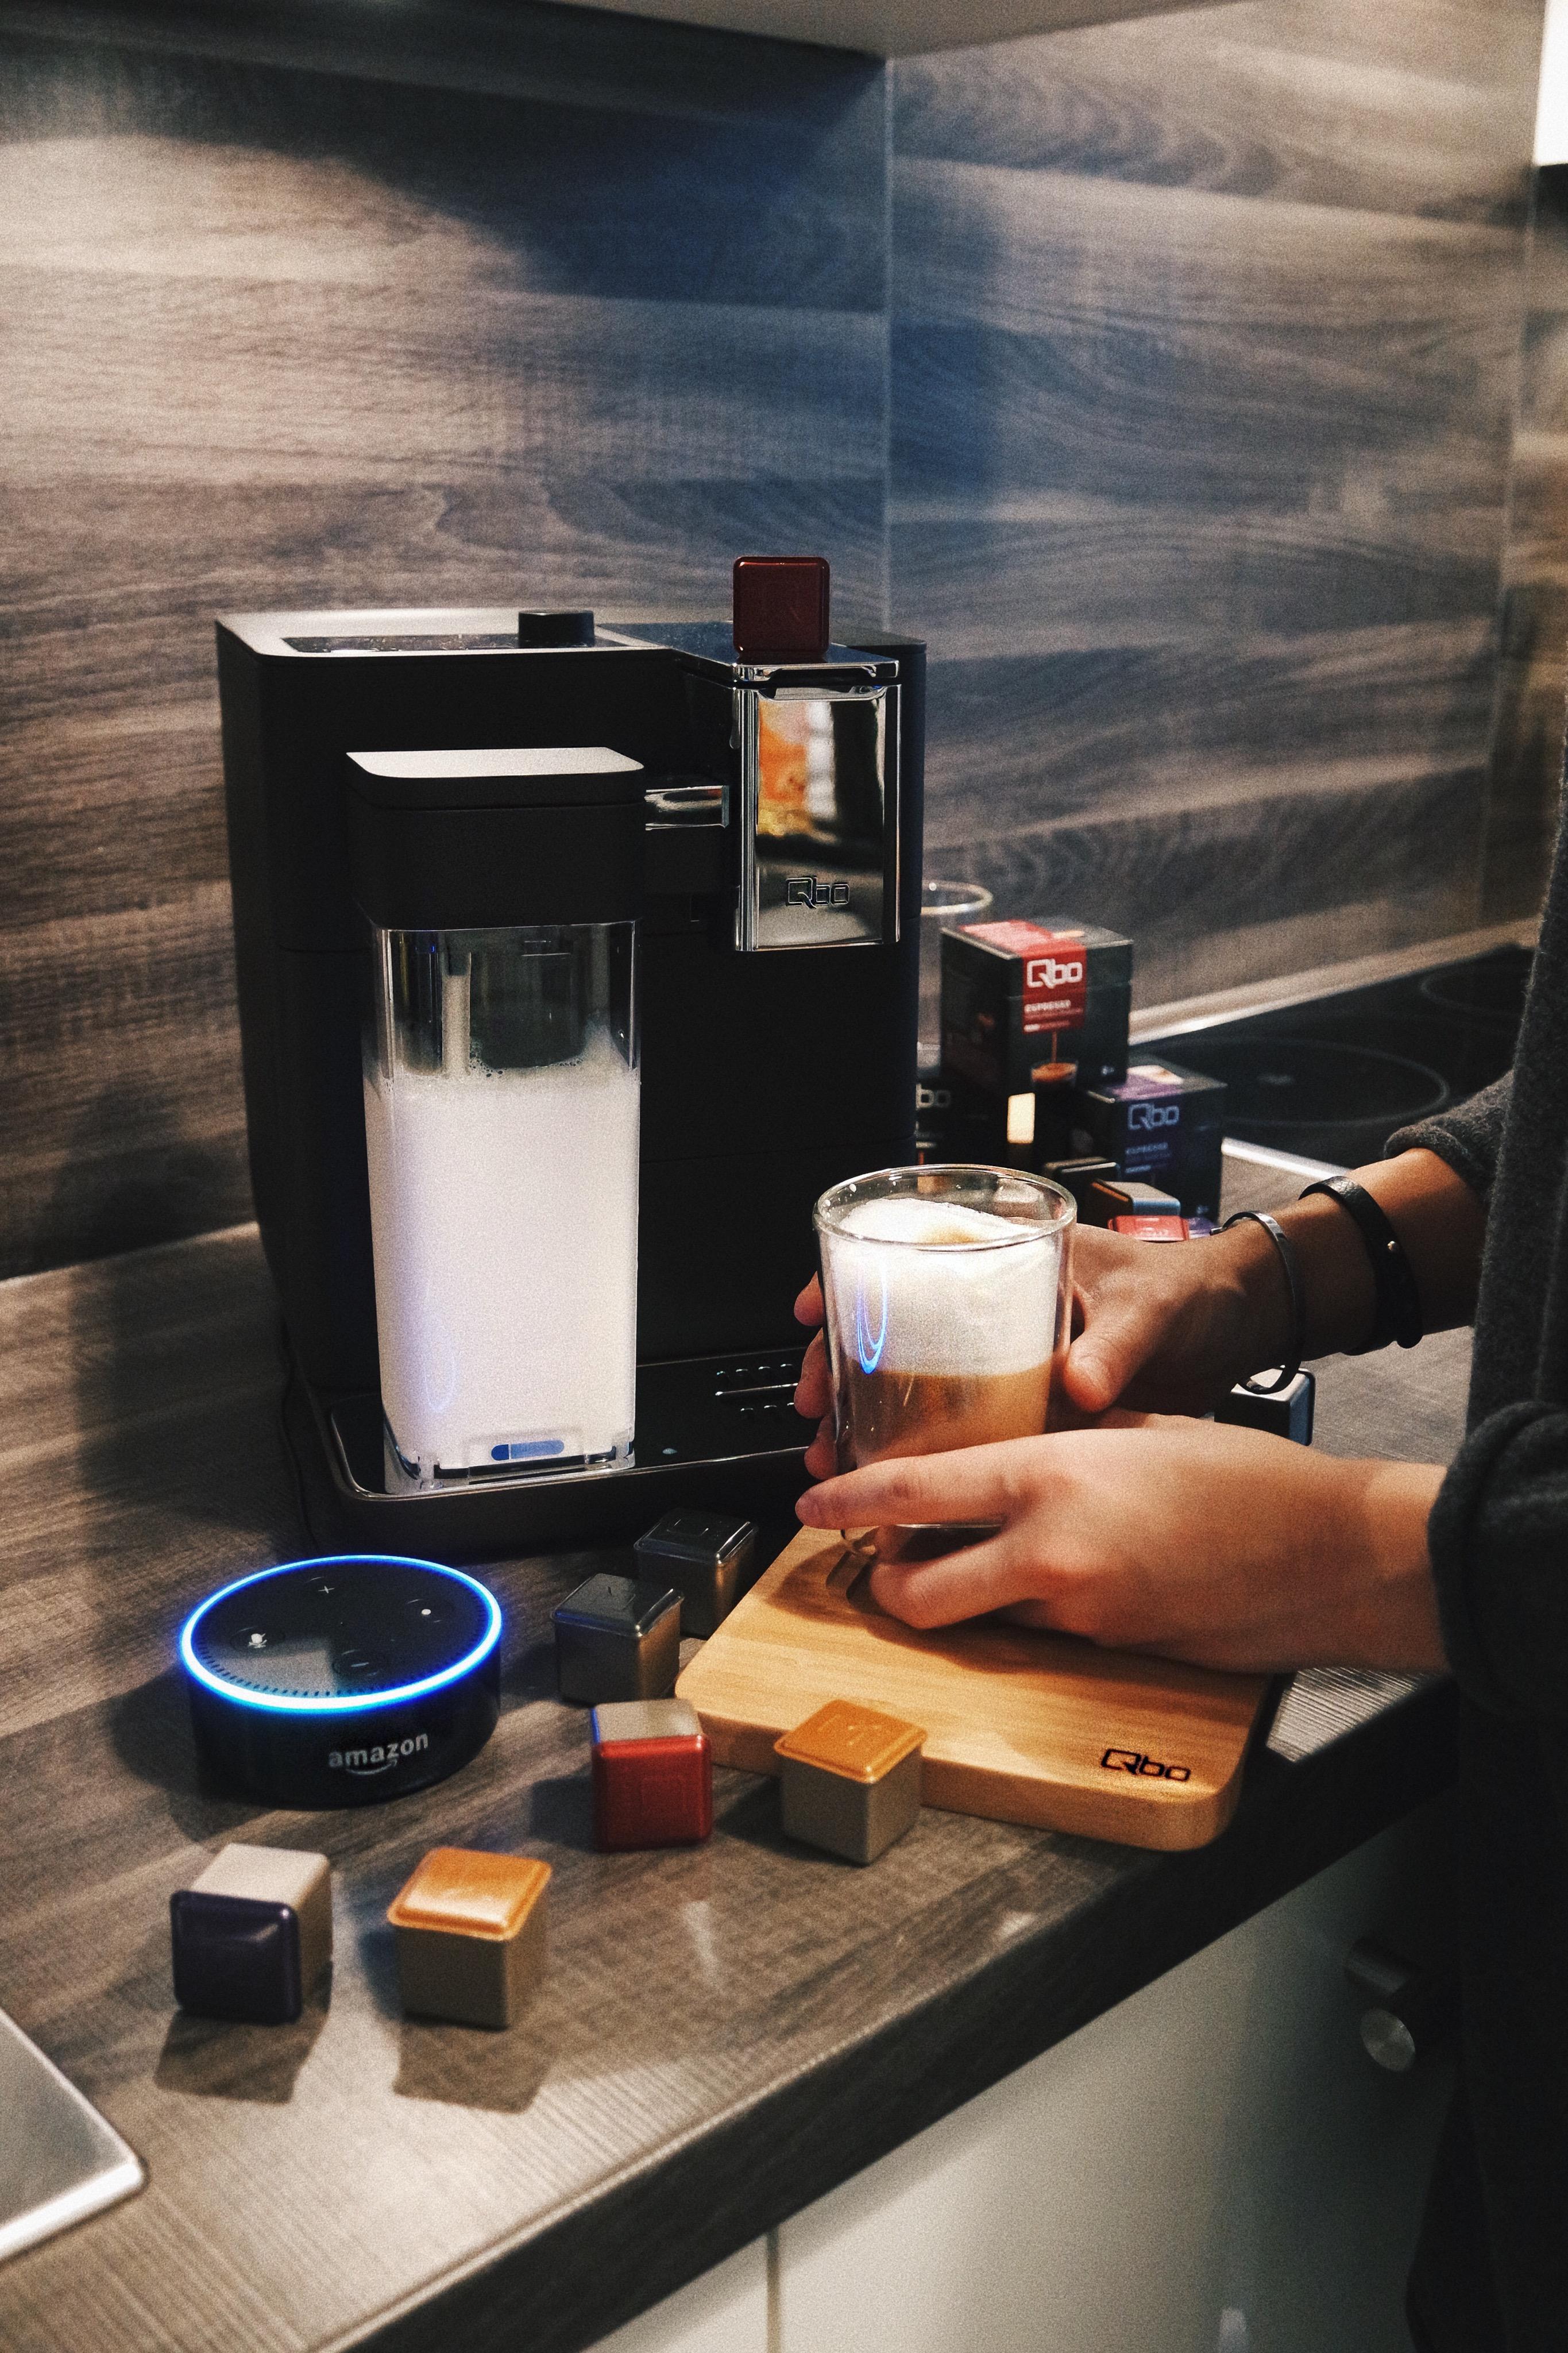 Kann eine Kaffeemaschine smart sein? | Qbo trifft auf Alexa